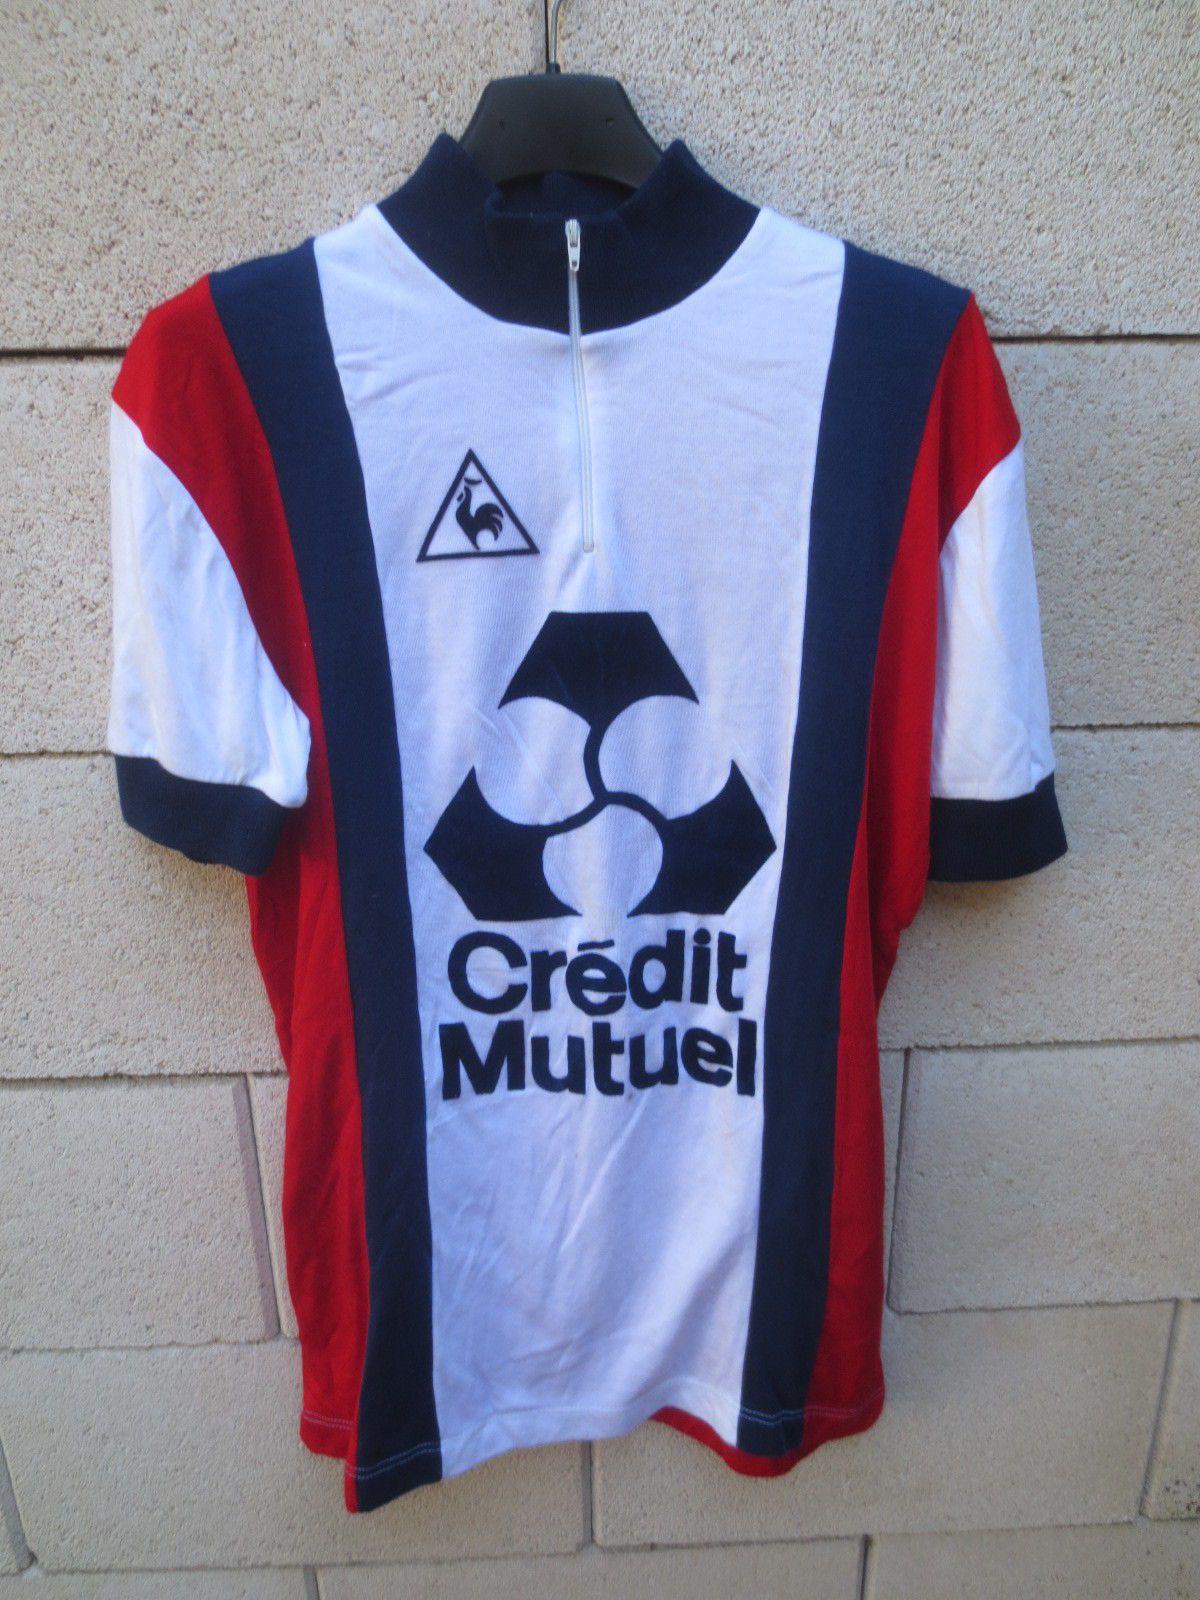 Maillot cycliste LE COQ SPORTIF Crédit Mutuel vintage 80 s trikot shirt  jersey 4  4fff8931f